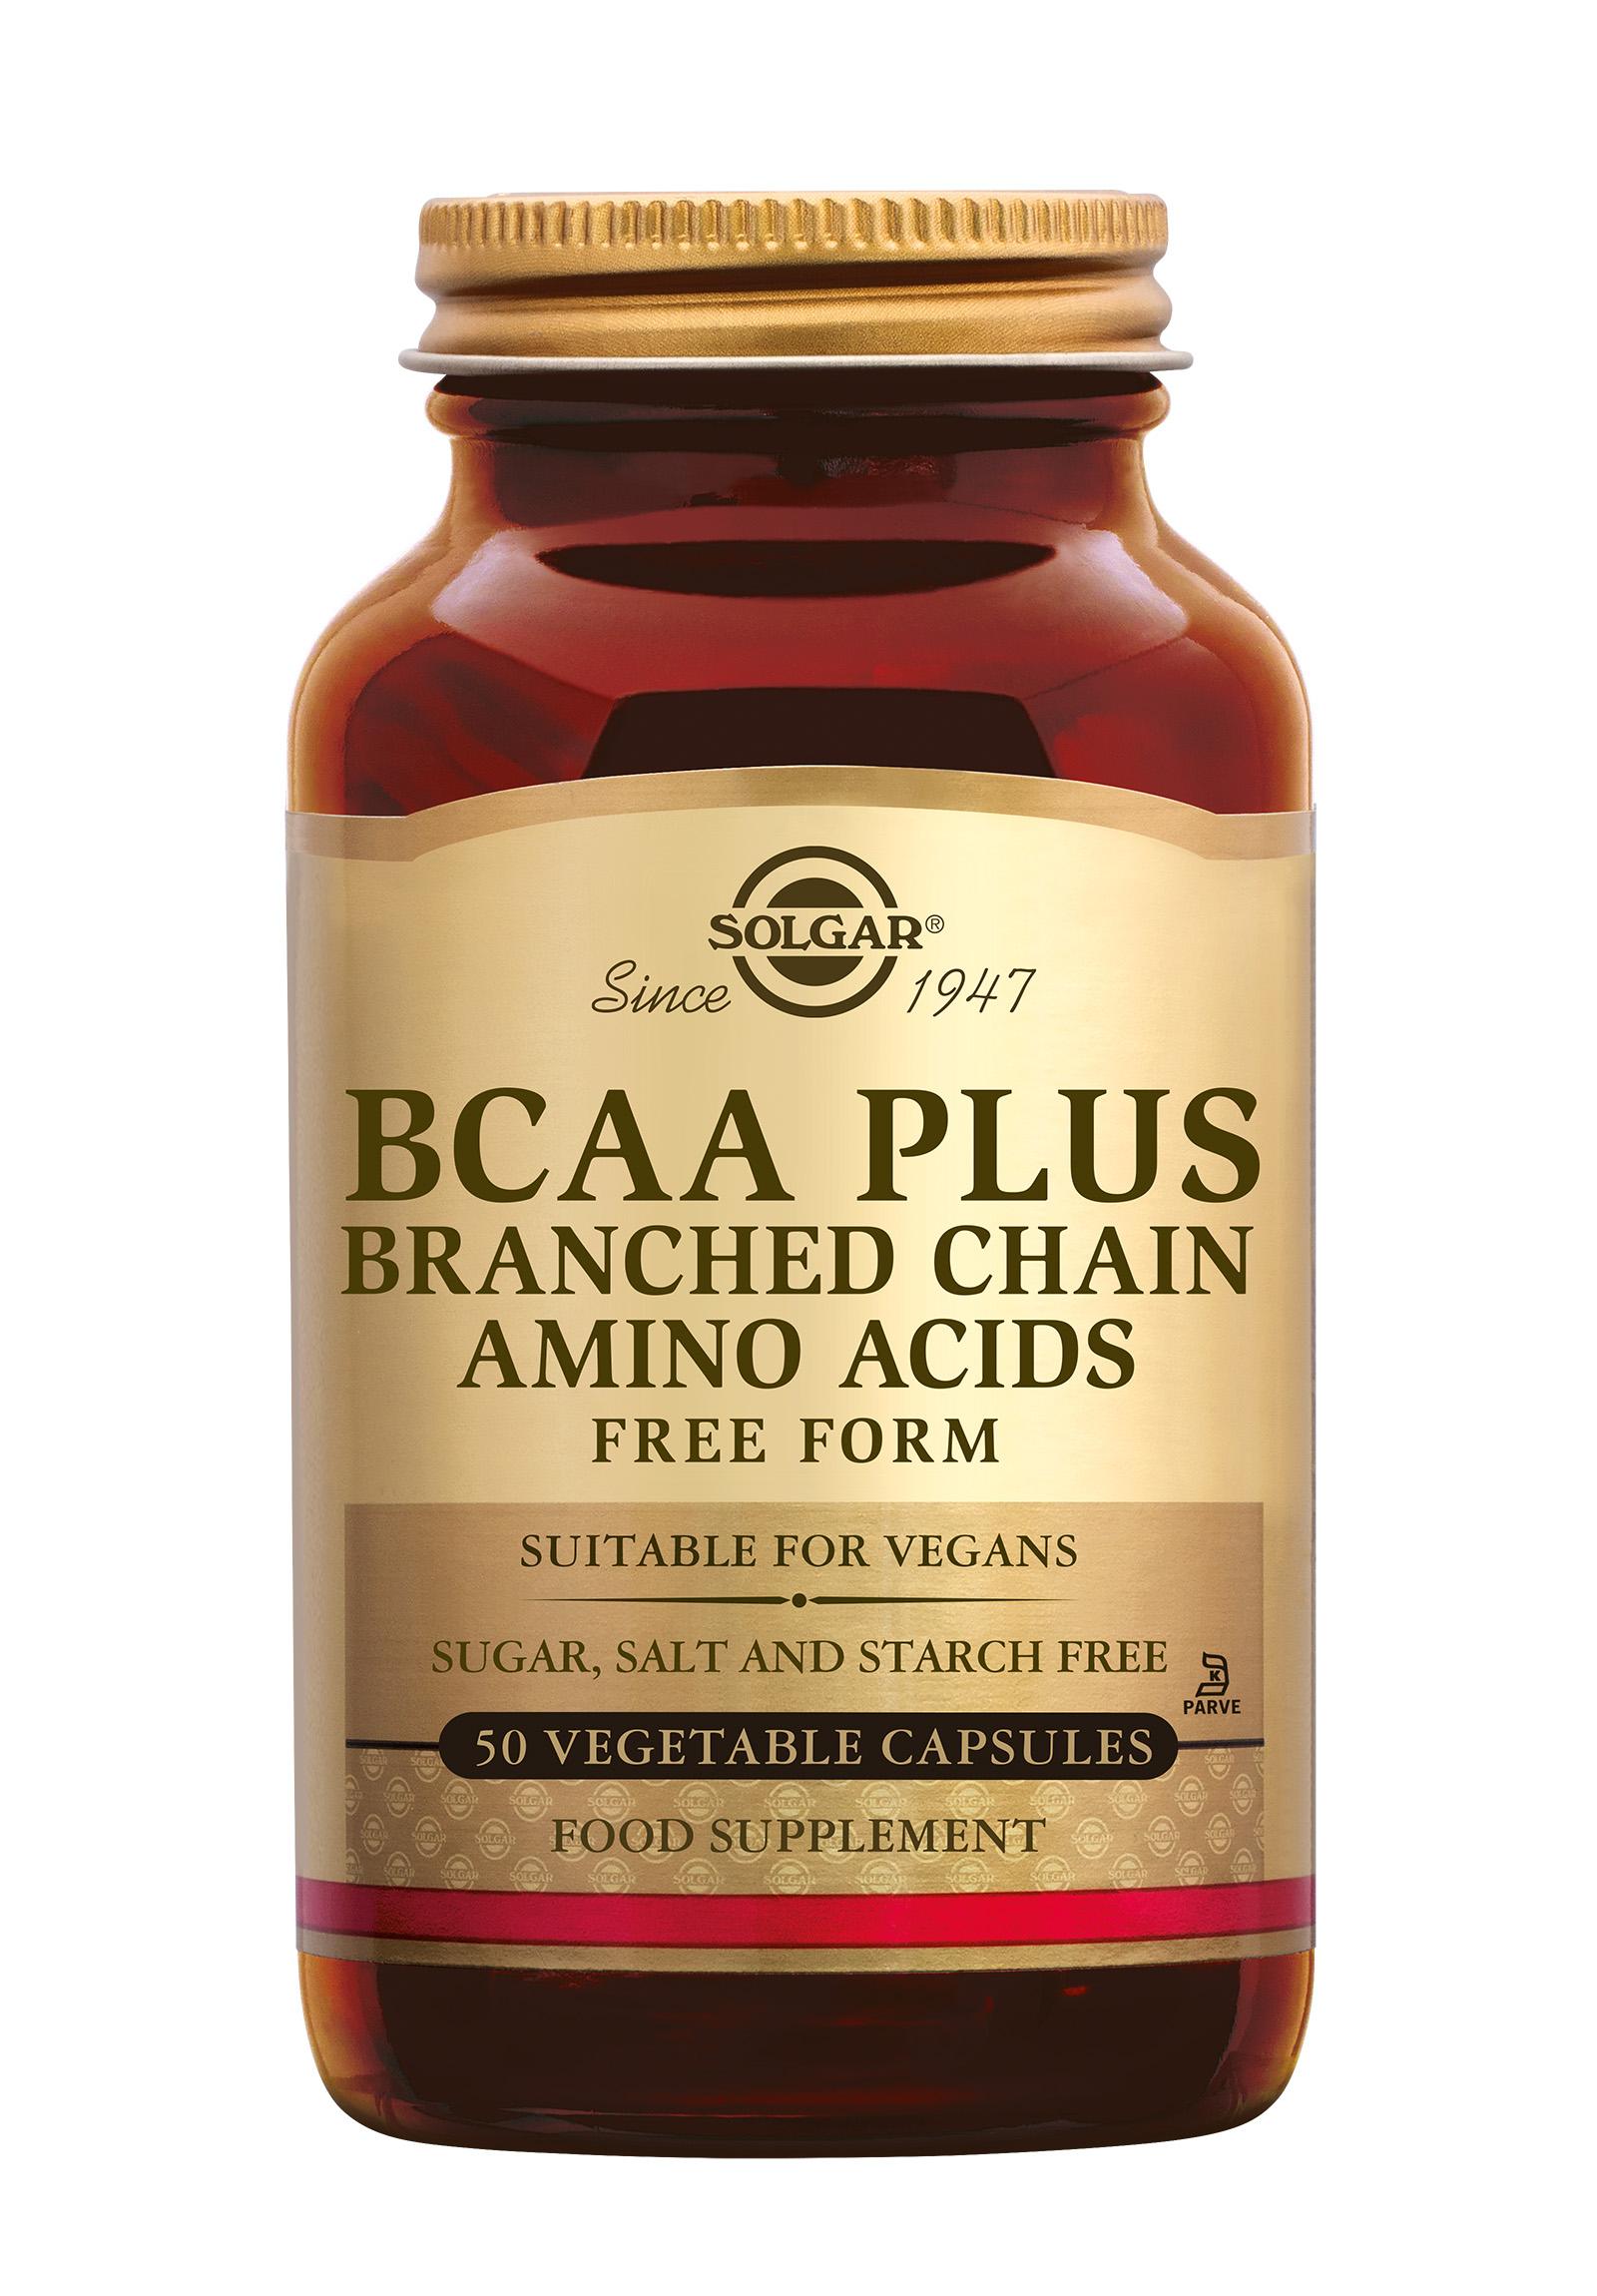 BCAA Plus, Solgar, Solgar BCAA Plus wordt vaak gebruikt door sporters. Het bevat ?branched chain amino acids', oftewel aminozuren met vertakte ketens (leucine, isoleucine en valine). Deze vormen ongeveer 35% van de aminozuren van spierweefsel.